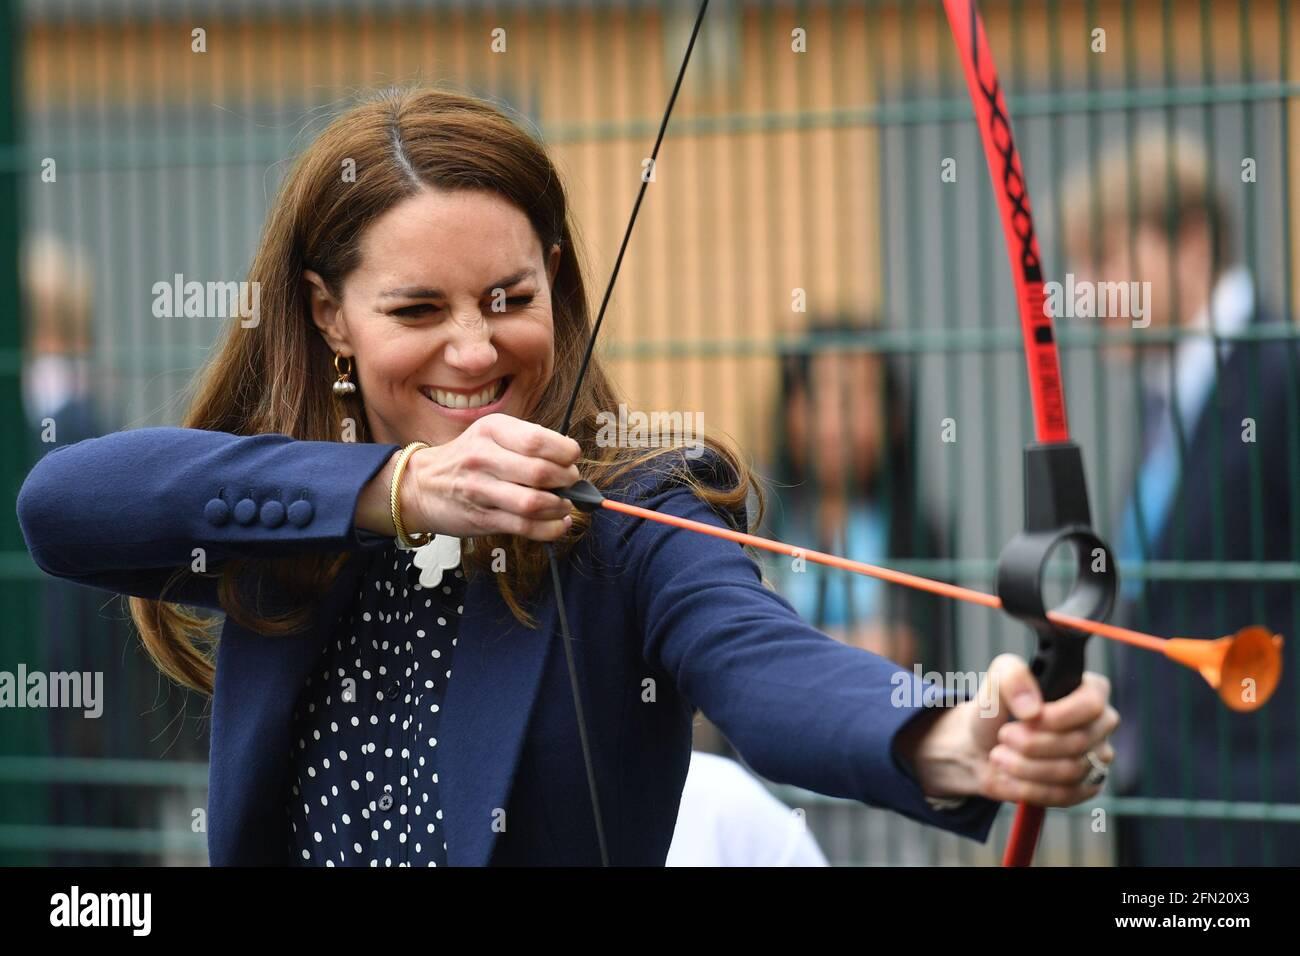 La Duchessa di Cambridge durante una sessione di tiro con l'arco durante una visita alla Way Youth zone di Wolverhampton, West Midlands. Data immagine: Giovedì 13 maggio 2021. Foto Stock